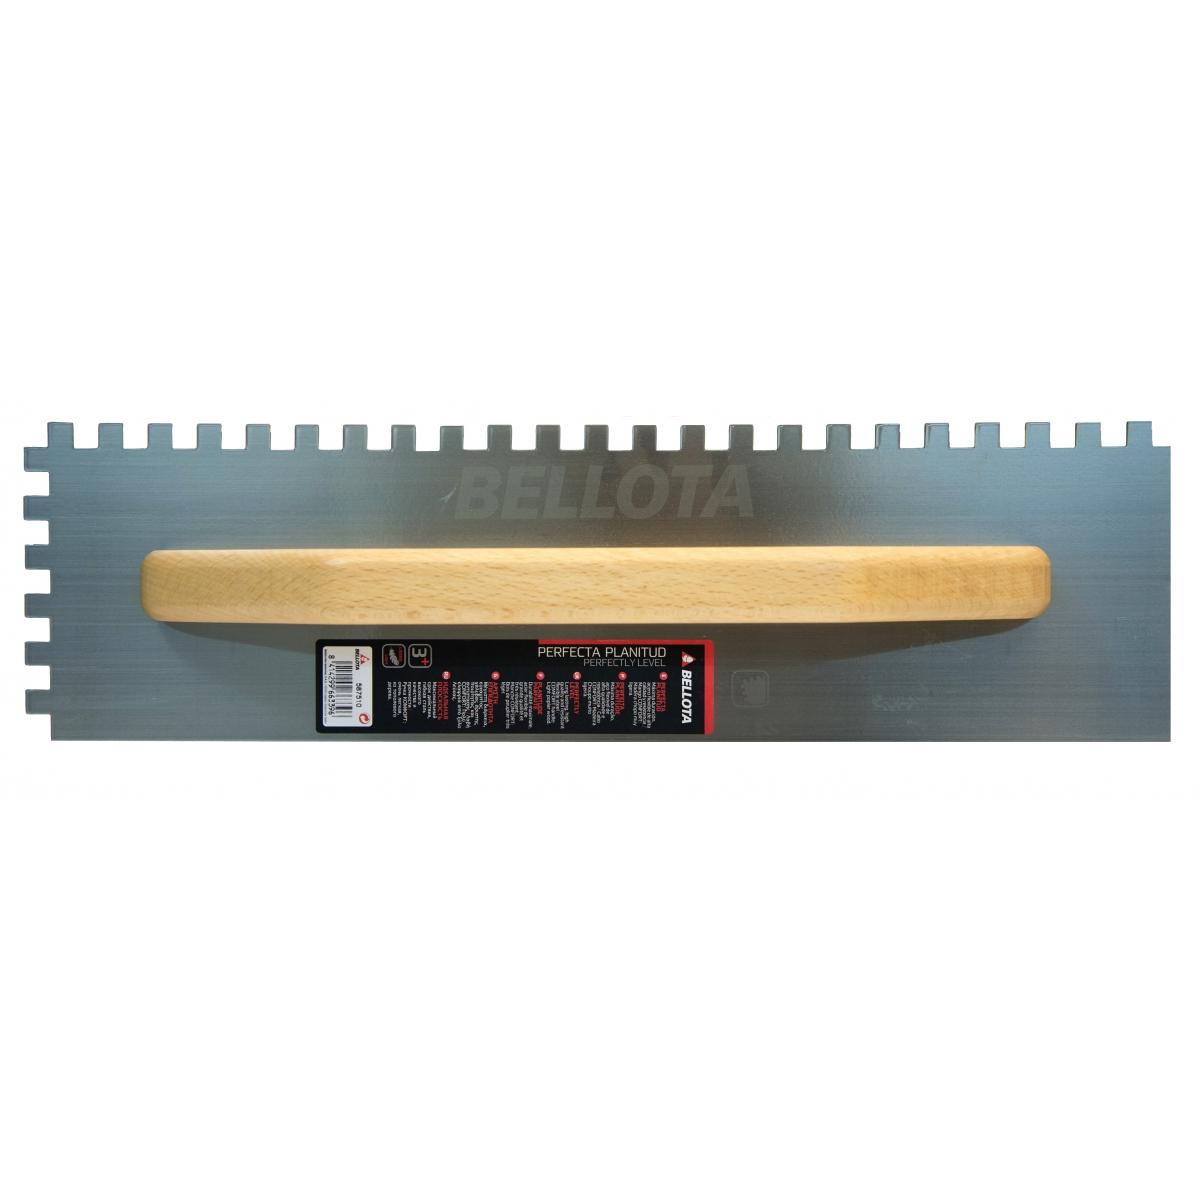 Peine dentado del 10 - Herramientas manuales para la construcción - Marca Bellota